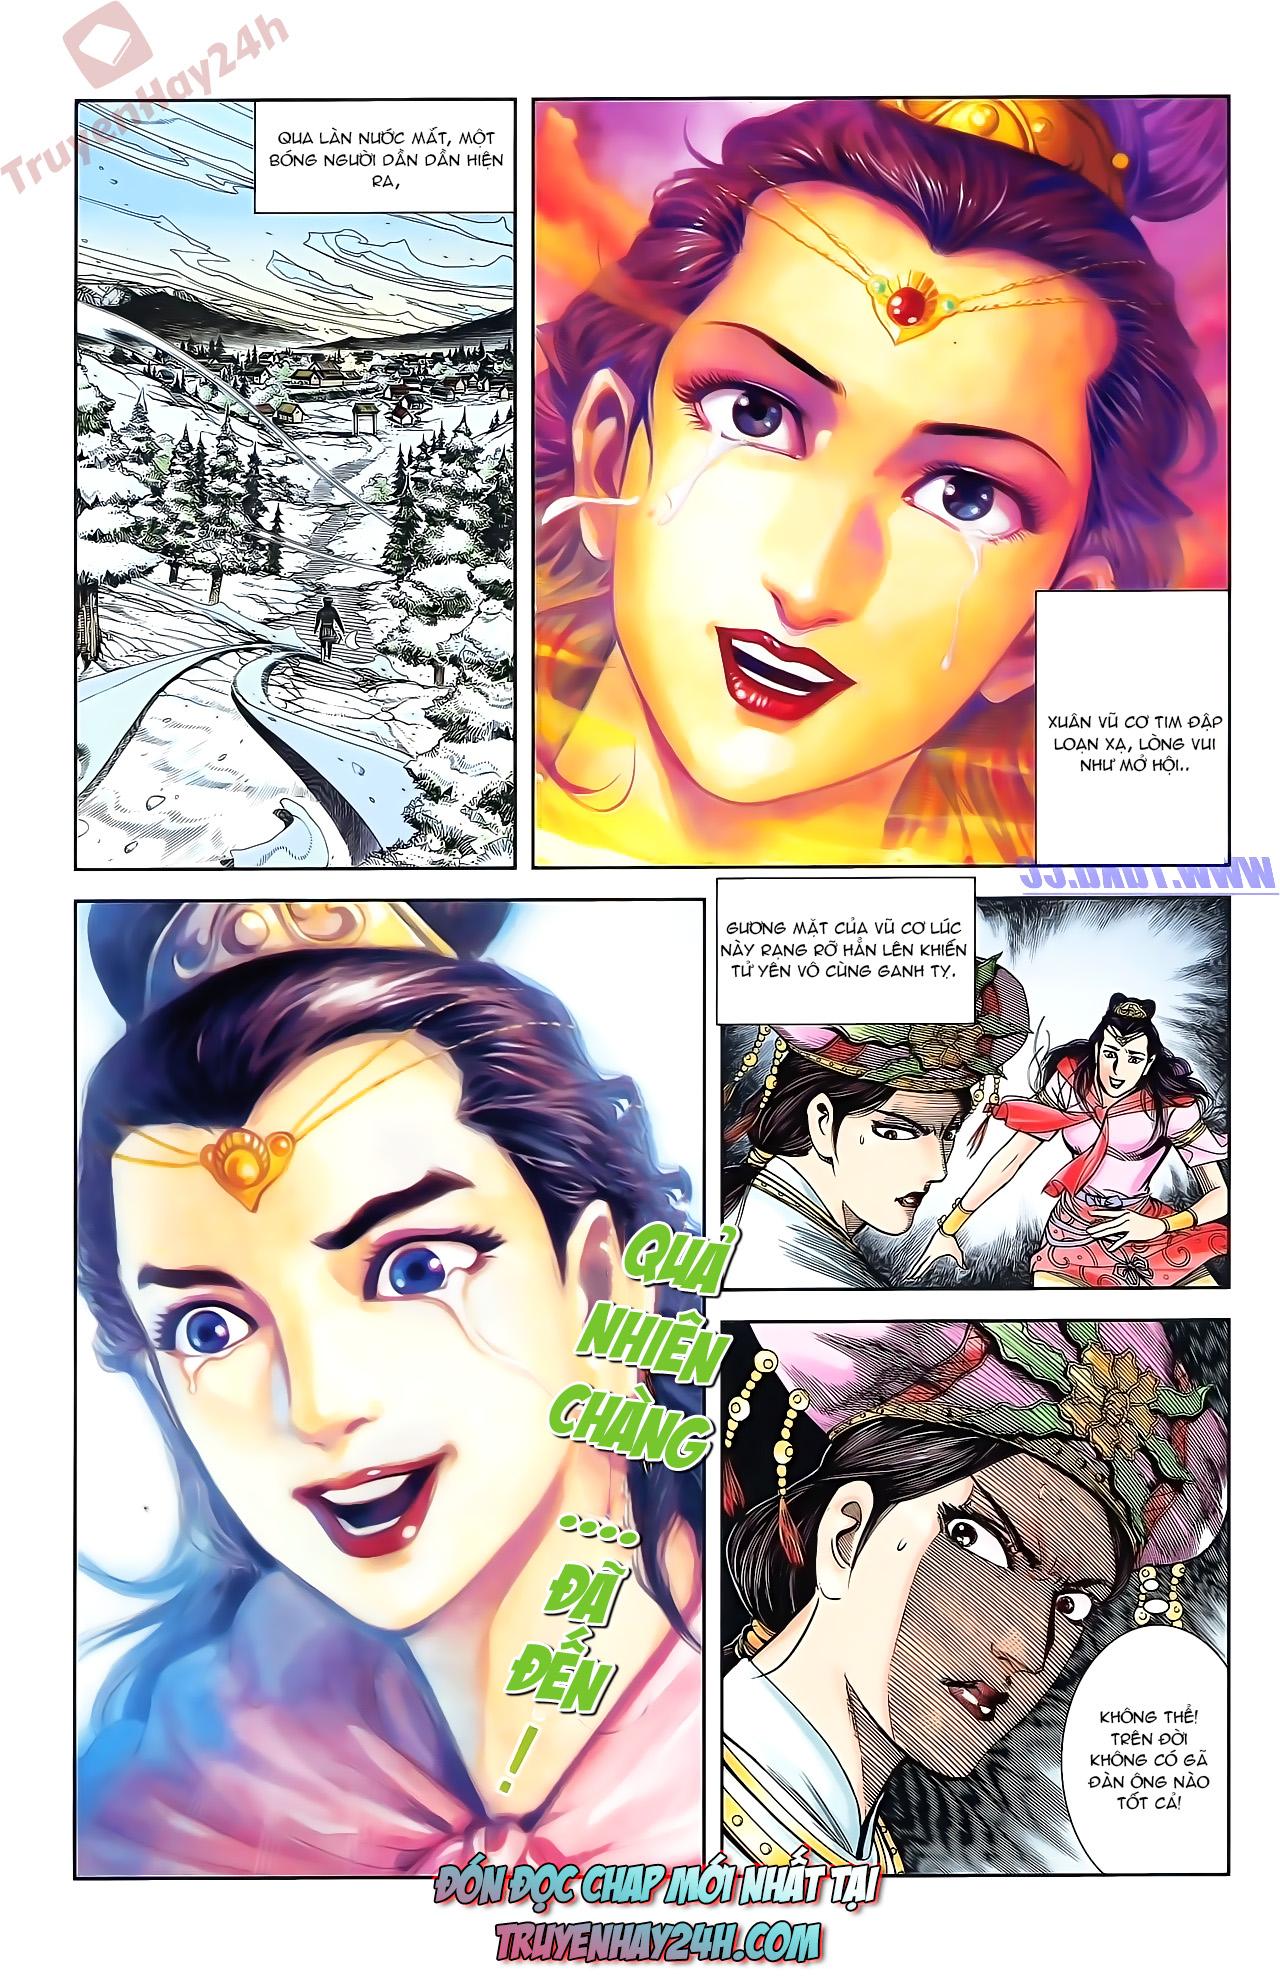 Tần Vương Doanh Chính chapter 51 trang 30